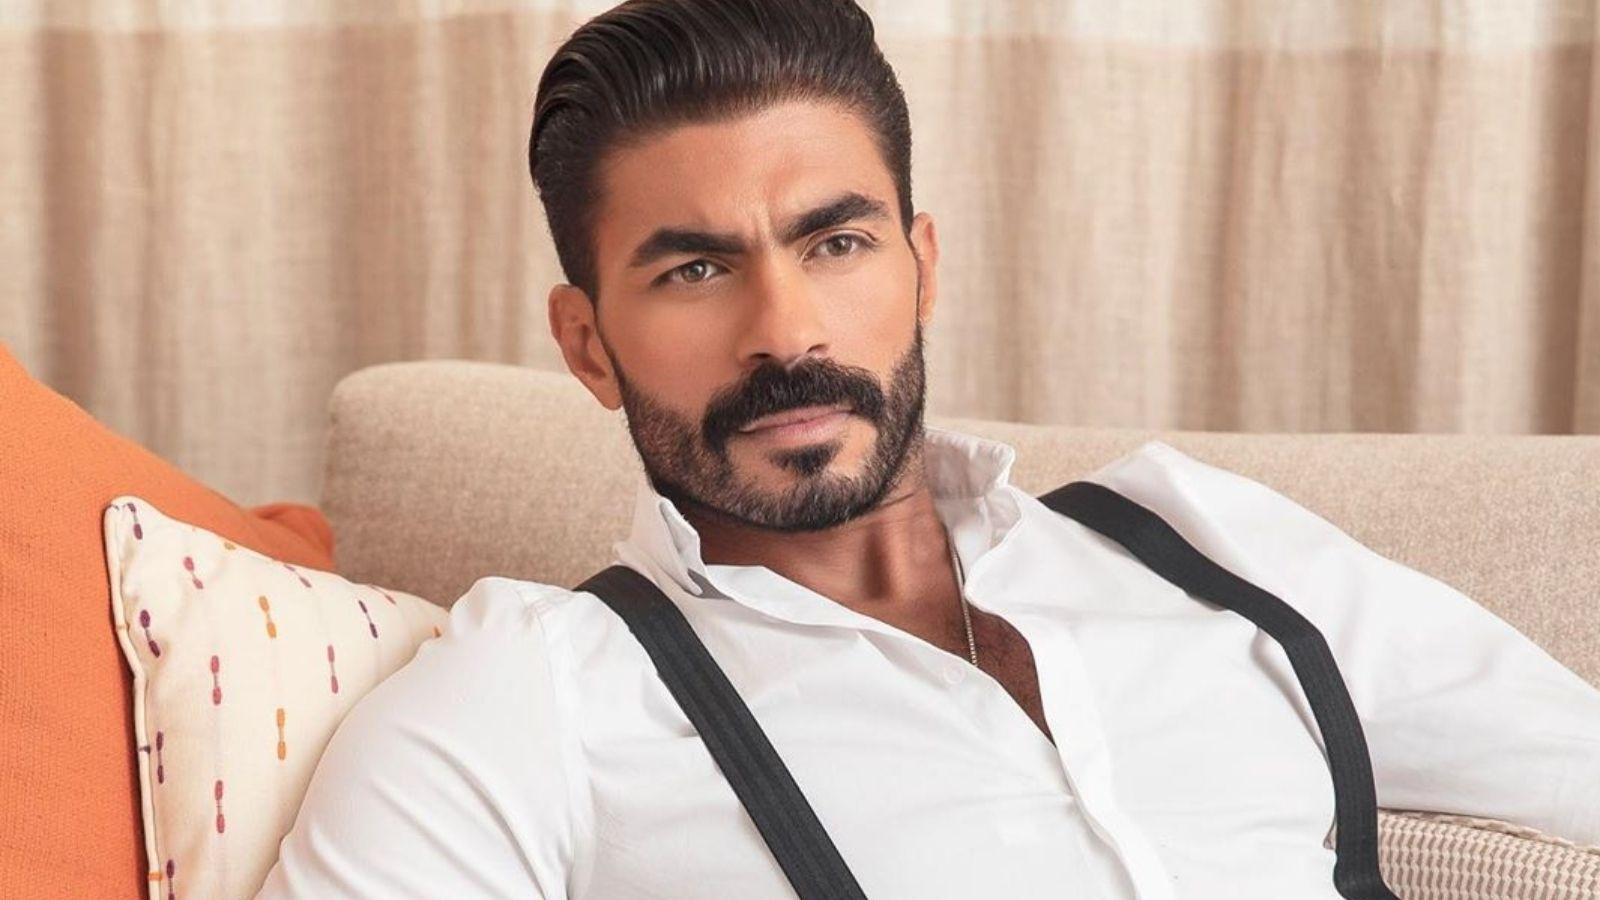 خالد سليم عن نحافته المفرطة صحتي كدة أحسن وسأعود لوزني السابق Suspender